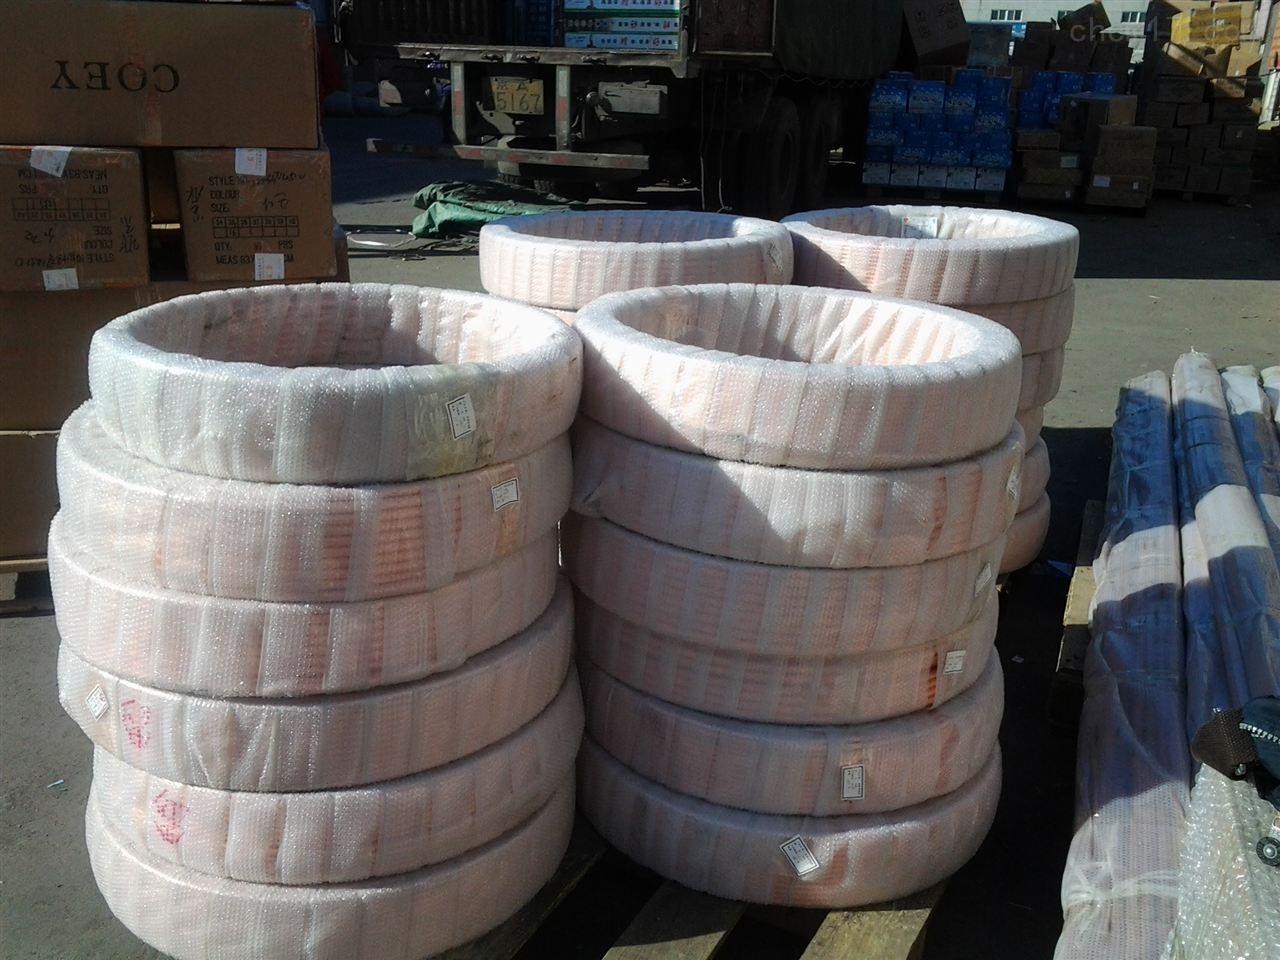 眉山冷媒铜管价格,空调冷媒铜管价格